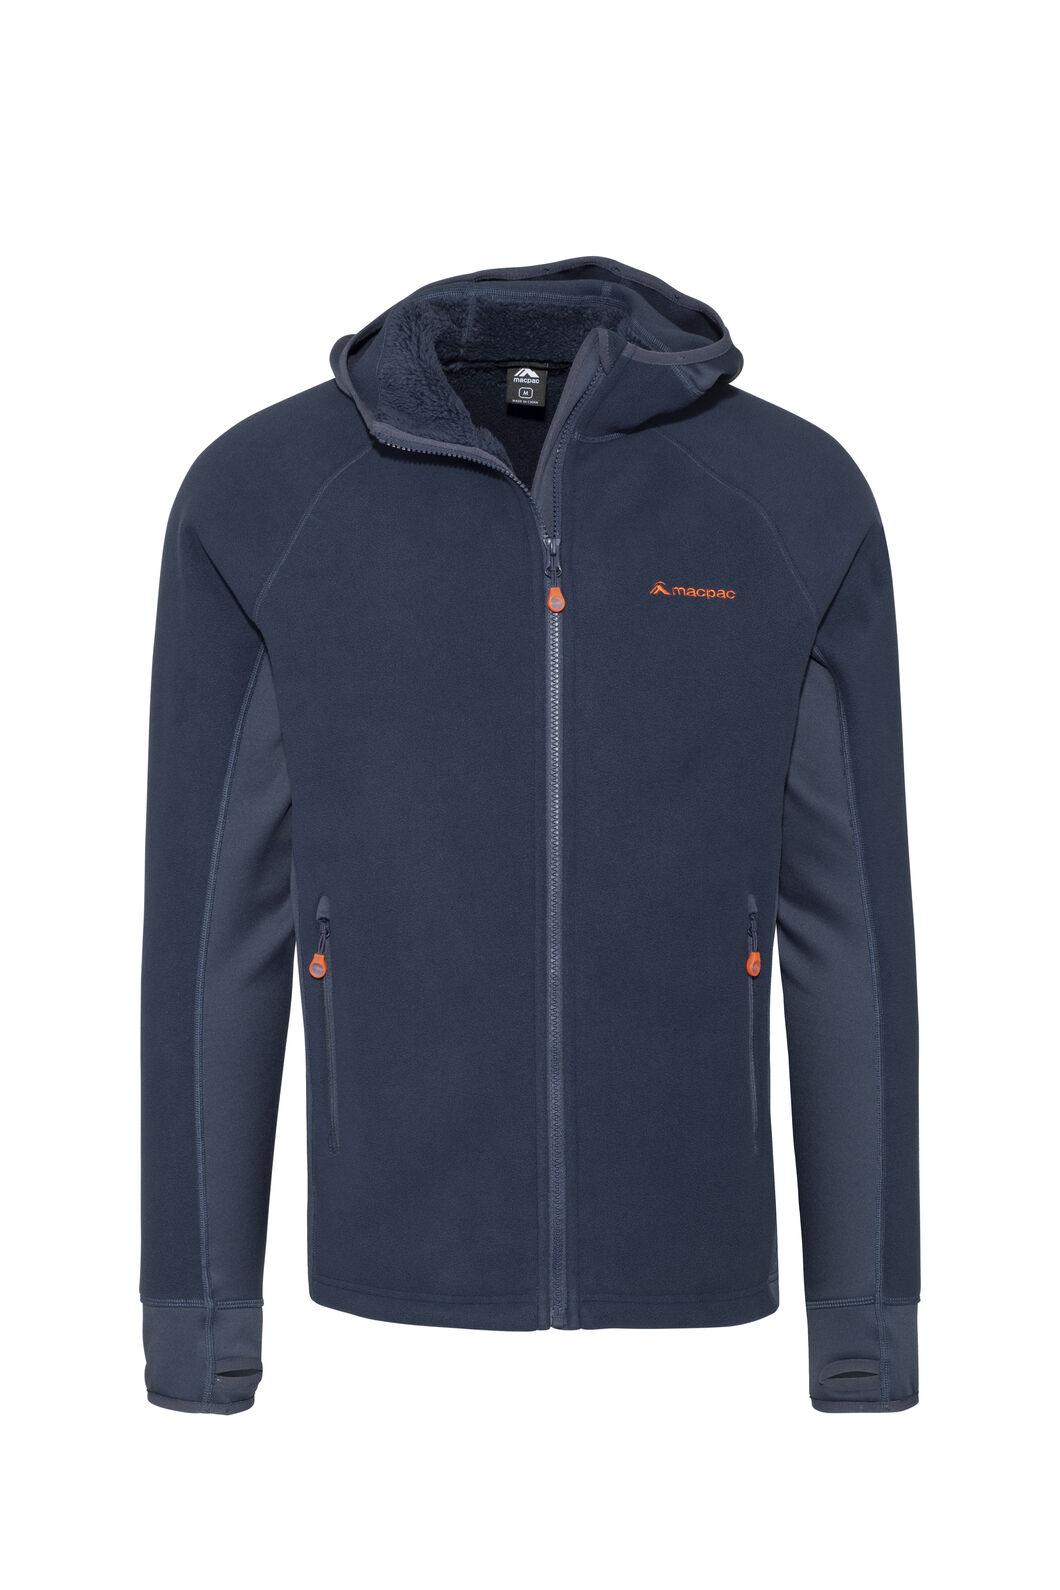 Macpac Mountain Hooded Jacket — Men's, Black Iris/Flame, hi-res